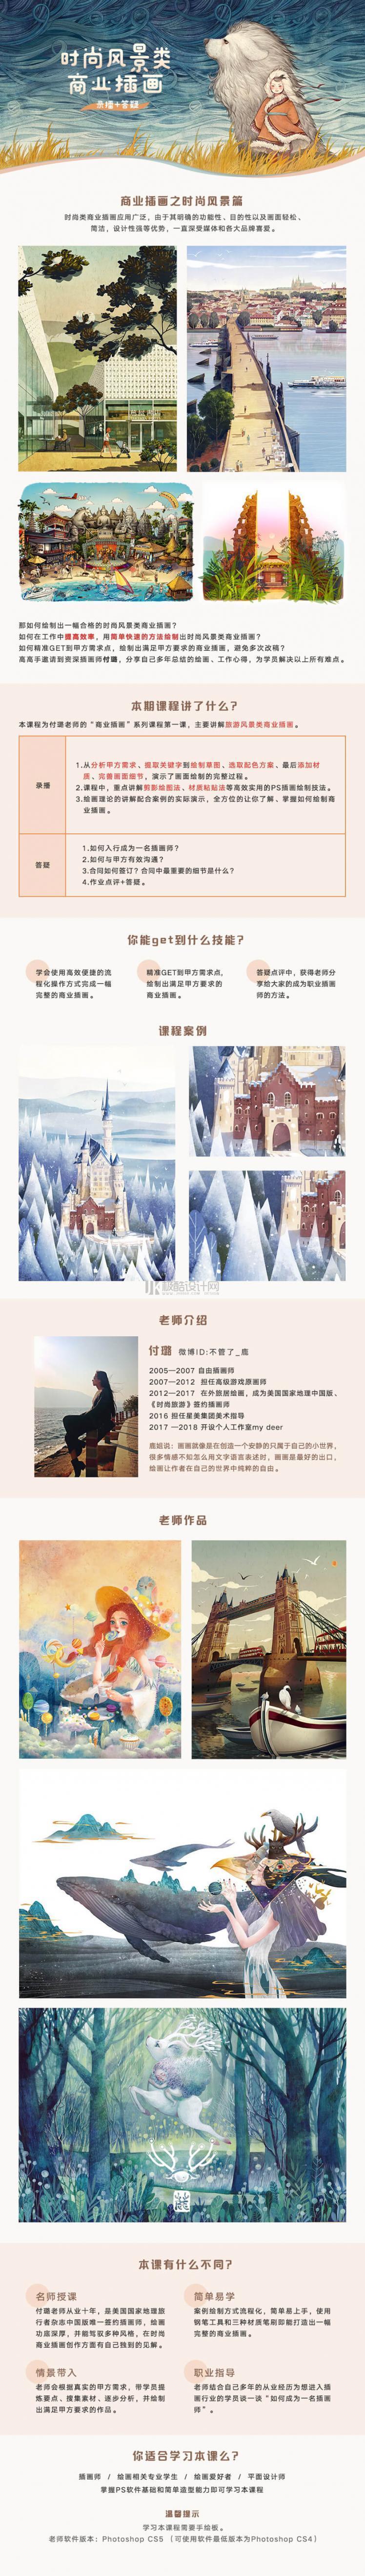 【创意绘画】付-商业插画之时尚风景篇